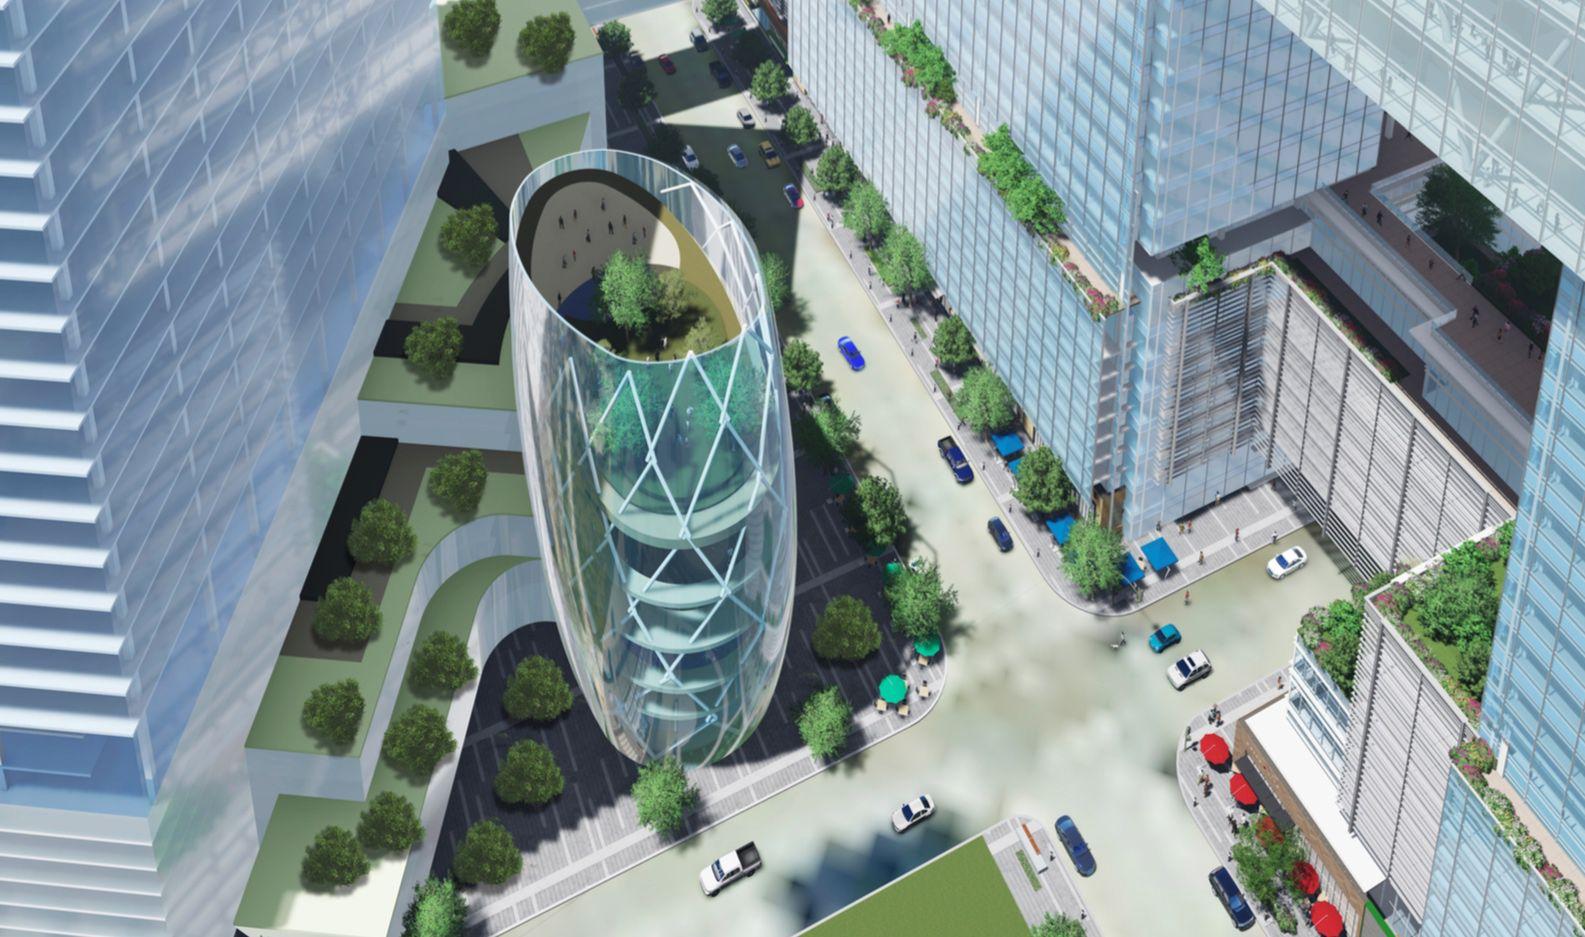 Dallas developer KDC and architect Pelli Clarke Pelli planned a 10-block campus for Amazon in downtown Dallas.